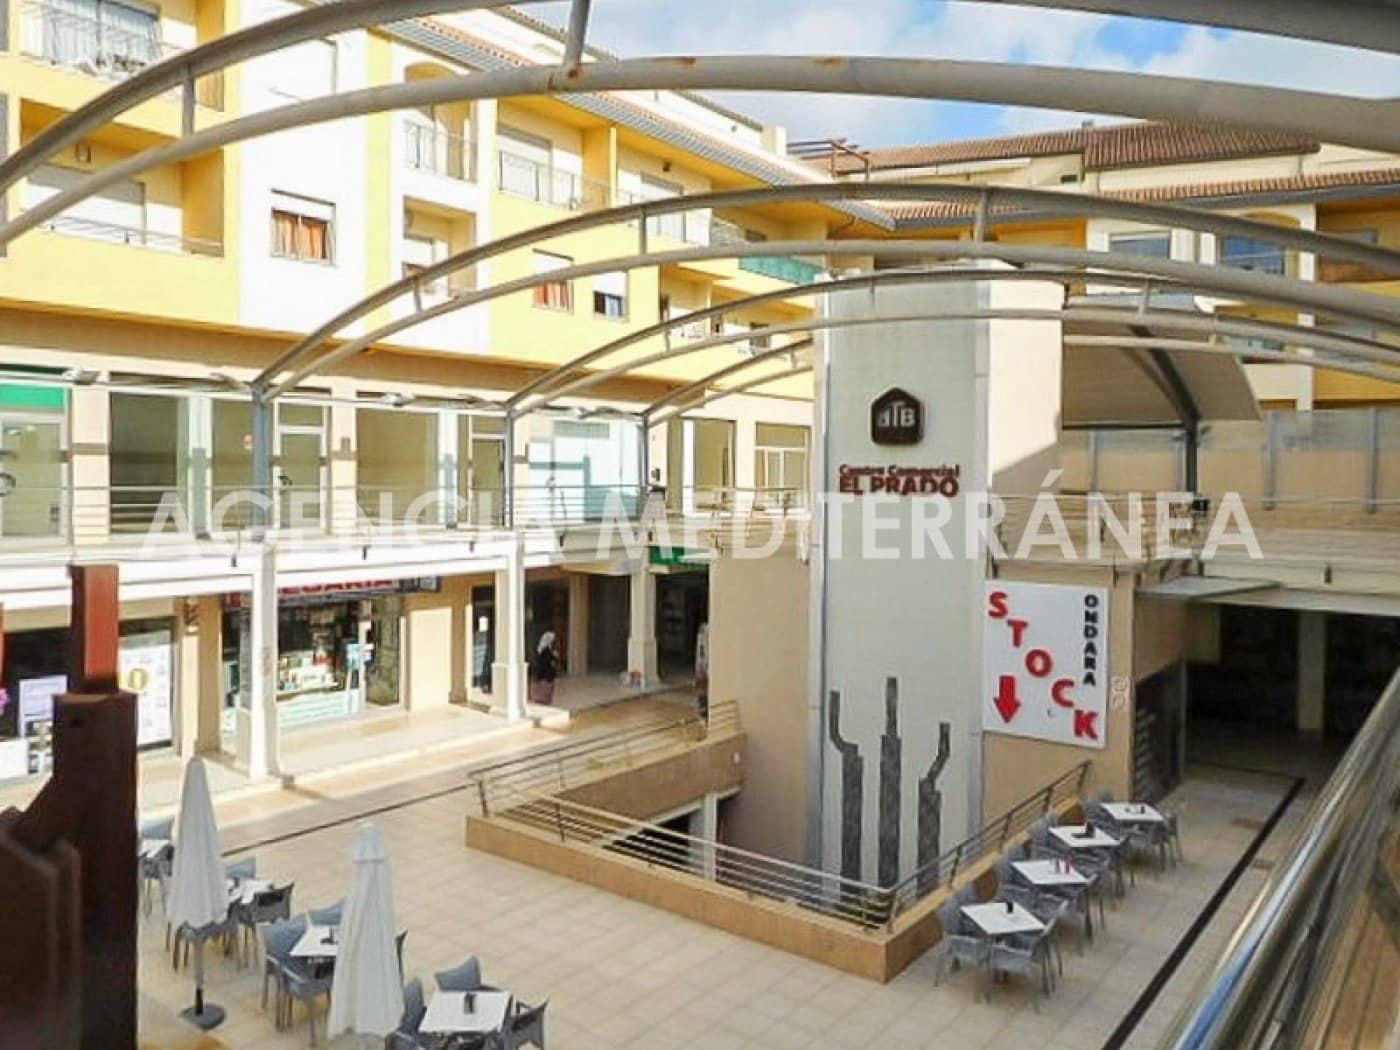 Local Comercial en Ondara en venta - 180.000 € (Ref: 5073932)